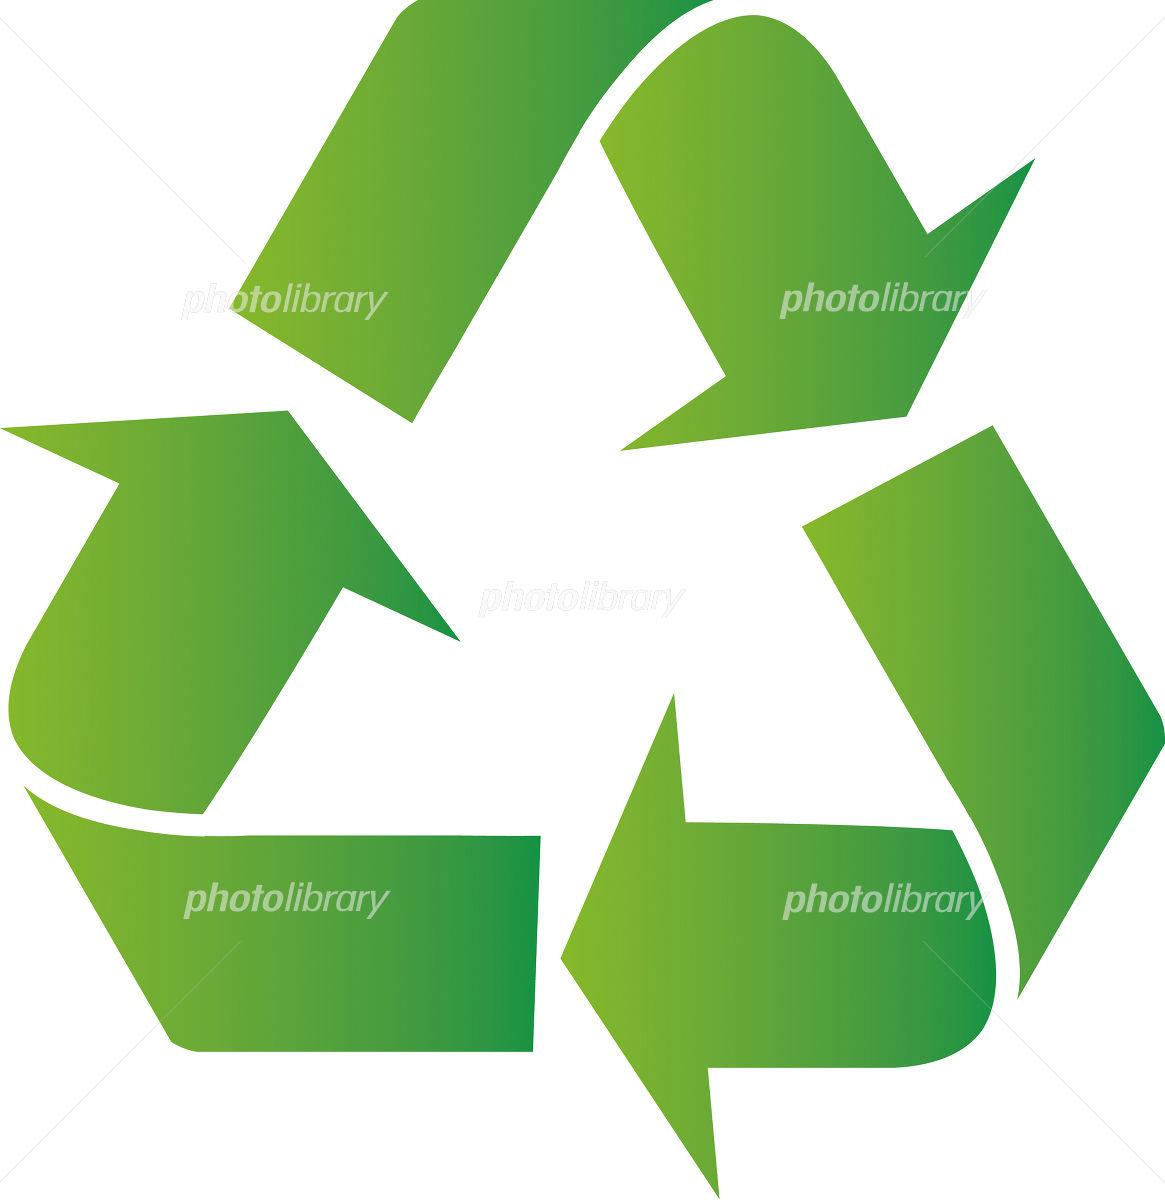 リサイクルマーク - イラスト素...